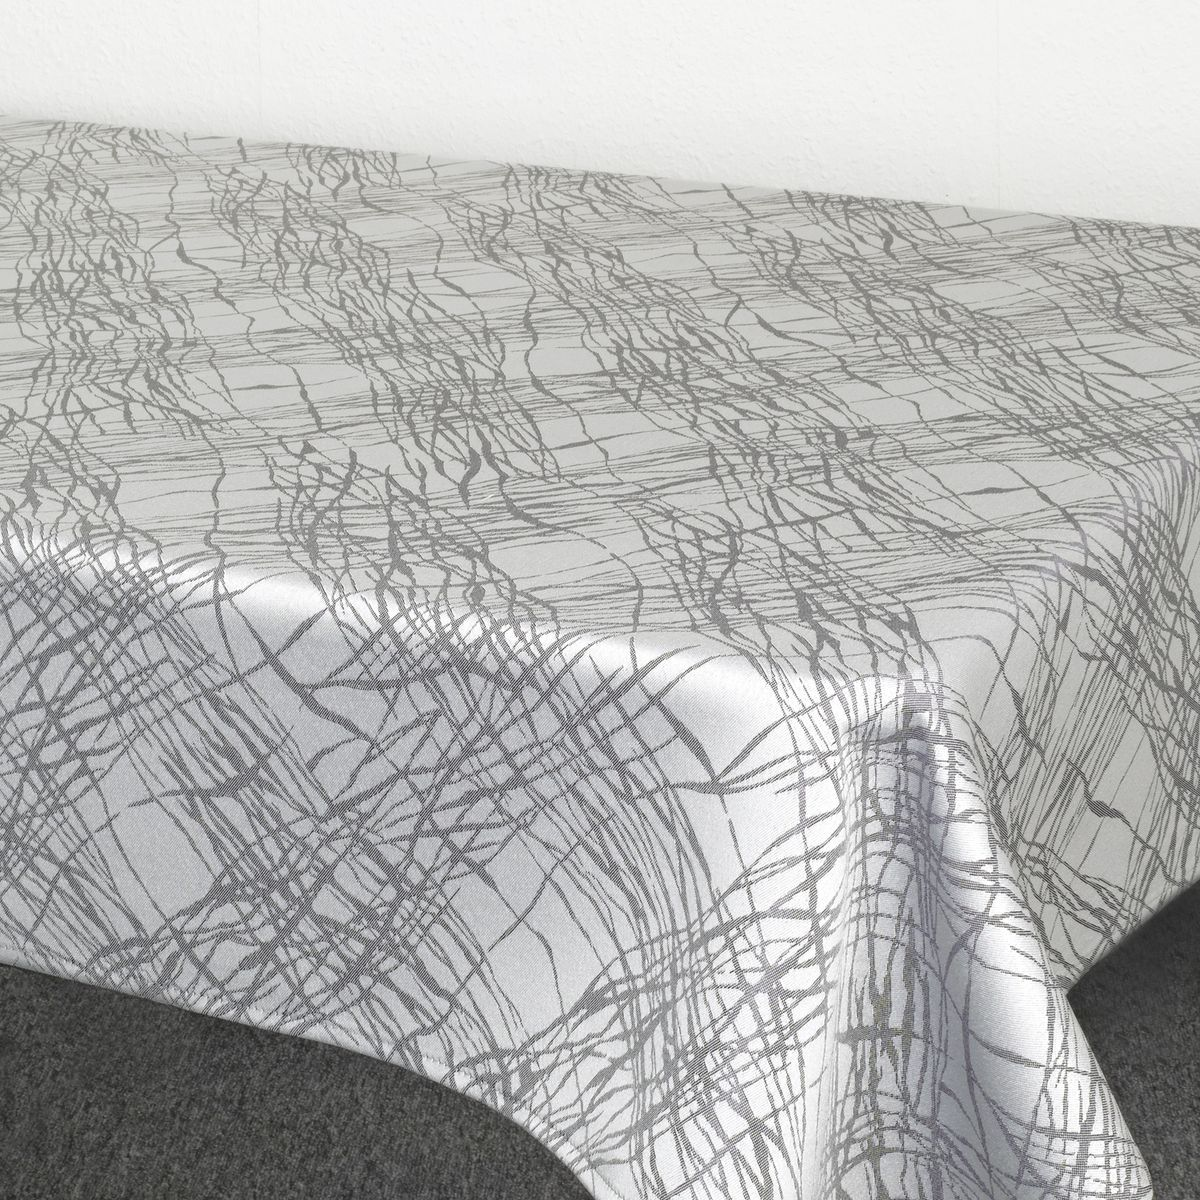 Скатерть Schaefer, прямоугольная, цвет: серый, 130 х 170 см. 07814-42907814-429Стильная скатерть Schaefer выполнена из полиэстера.Изделия из полиэстера легко стирать: они не мнутся, не садятся и быстро сохнут, они более долговечны, чем изделия из натуральных волокон.Немецкая компания Schaefer создана в 1921 году. На протяжении всего времени существования она создает уникальные коллекции домашнего текстиля для гостиных, спален, кухонь и ванных комнат. Дизайнерские идеи немецких художников компании Schaefer воплощаются в текстильных изделиях, которые сделают ваш дом красивее и уютнее и не останутся незамеченными вашими гостями. Дарите себе и близким красоту каждый день!